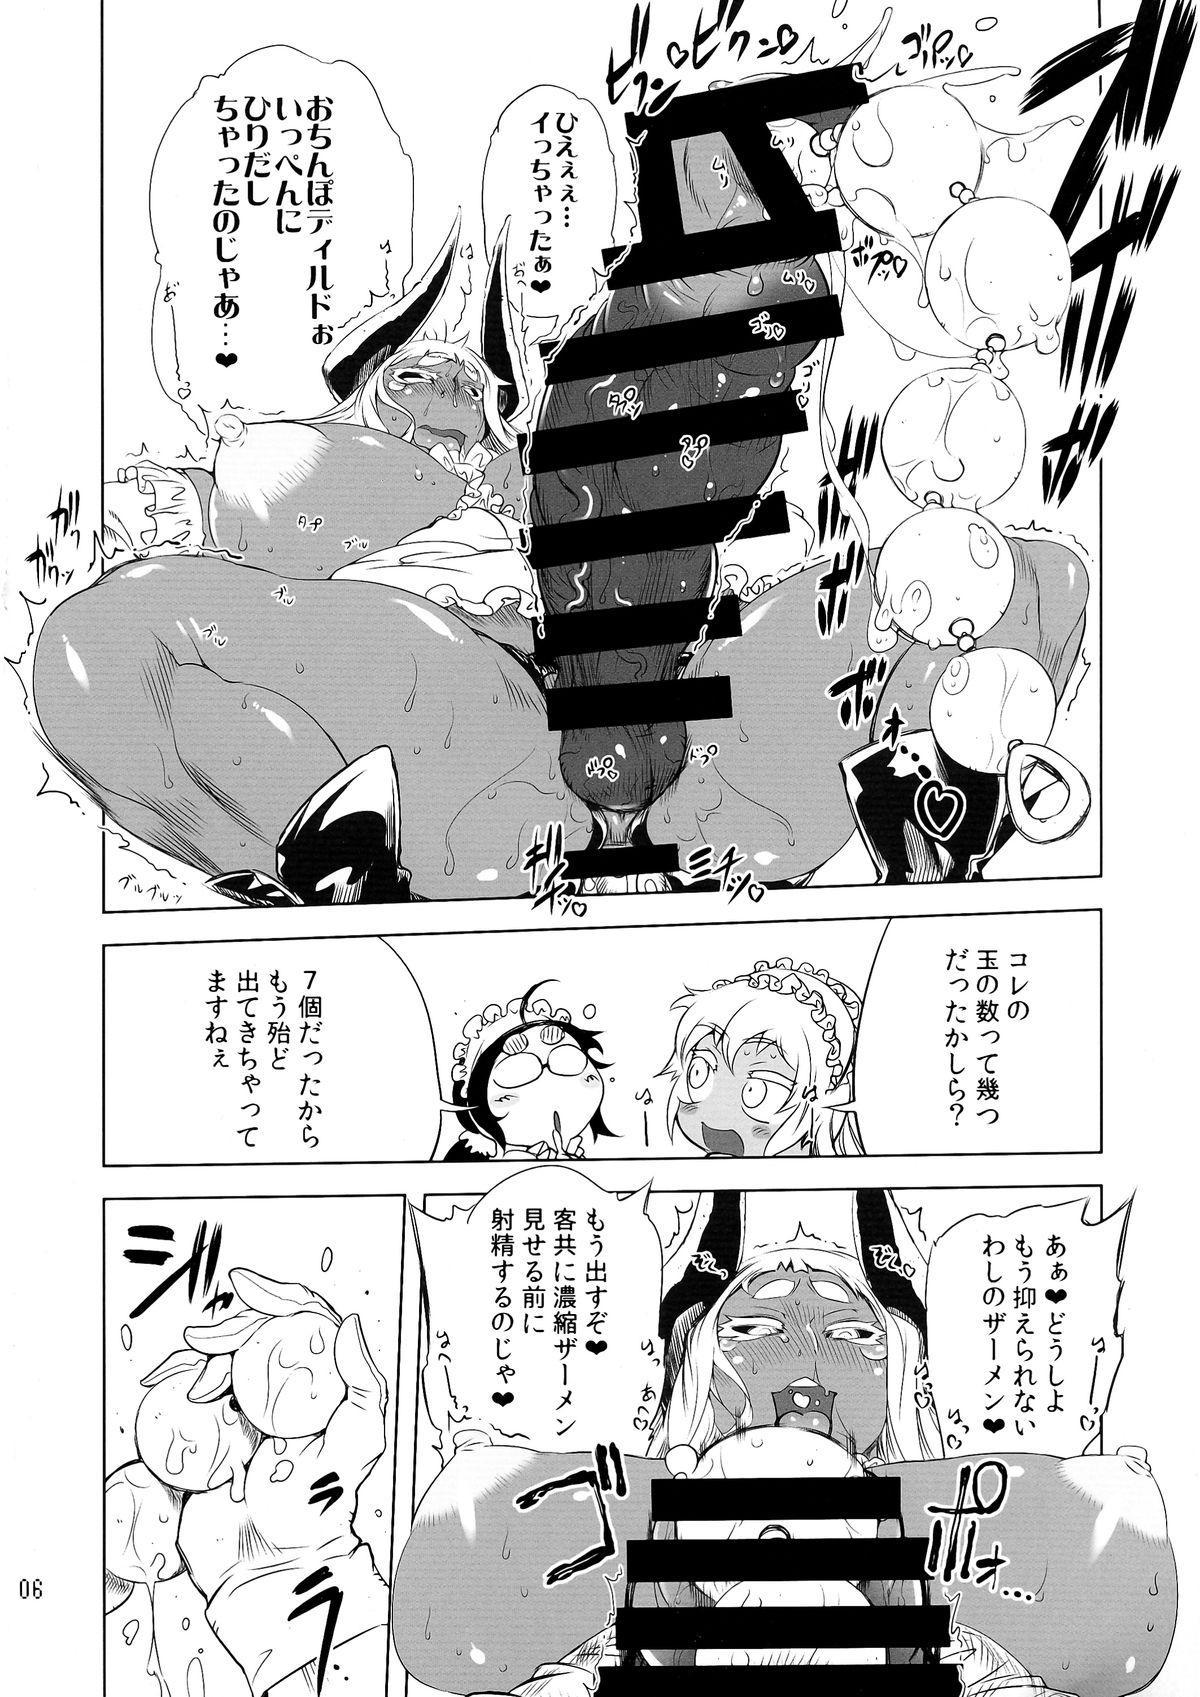 (Futaket 10.5) [Yuugengaisha Mach Spin (Drill Jill)] Kotoni-san to Motto Motto Mesu Maou-chan wo ○○ shitai!!! 5